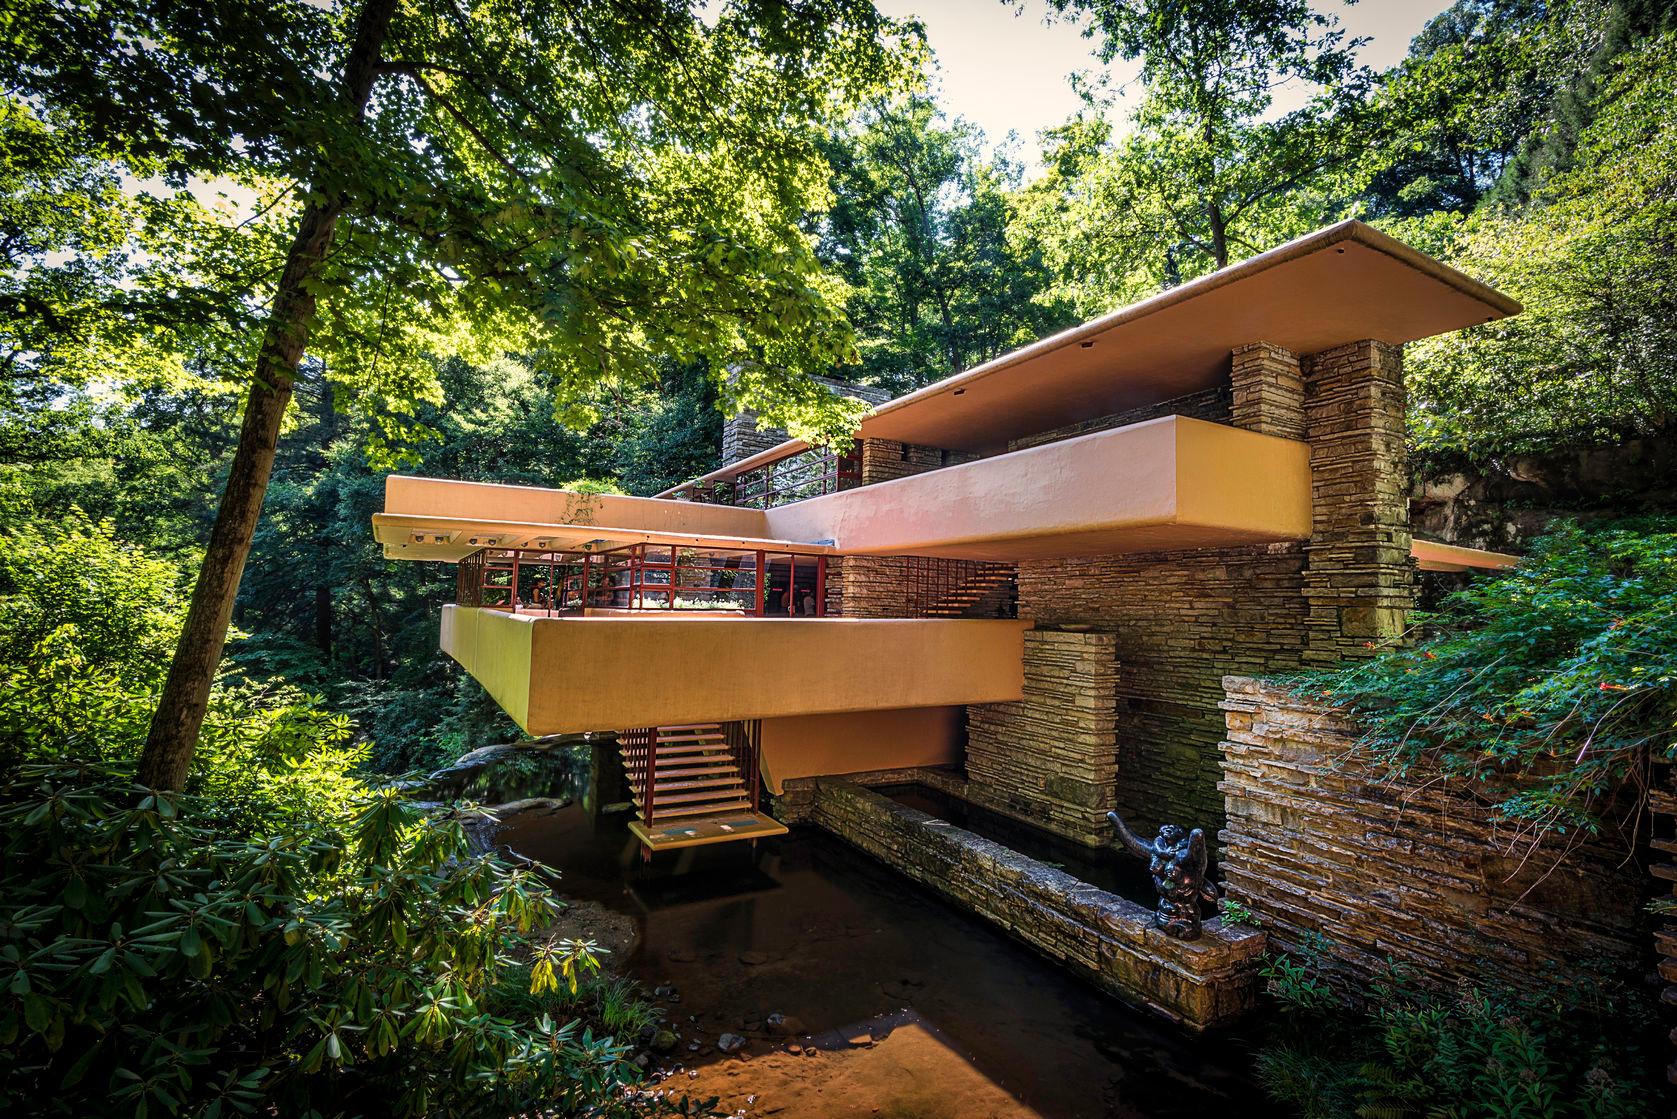 Frank lloyd wright 39 s fallingwater seven springs cabin for Wright la casa sulla cascata